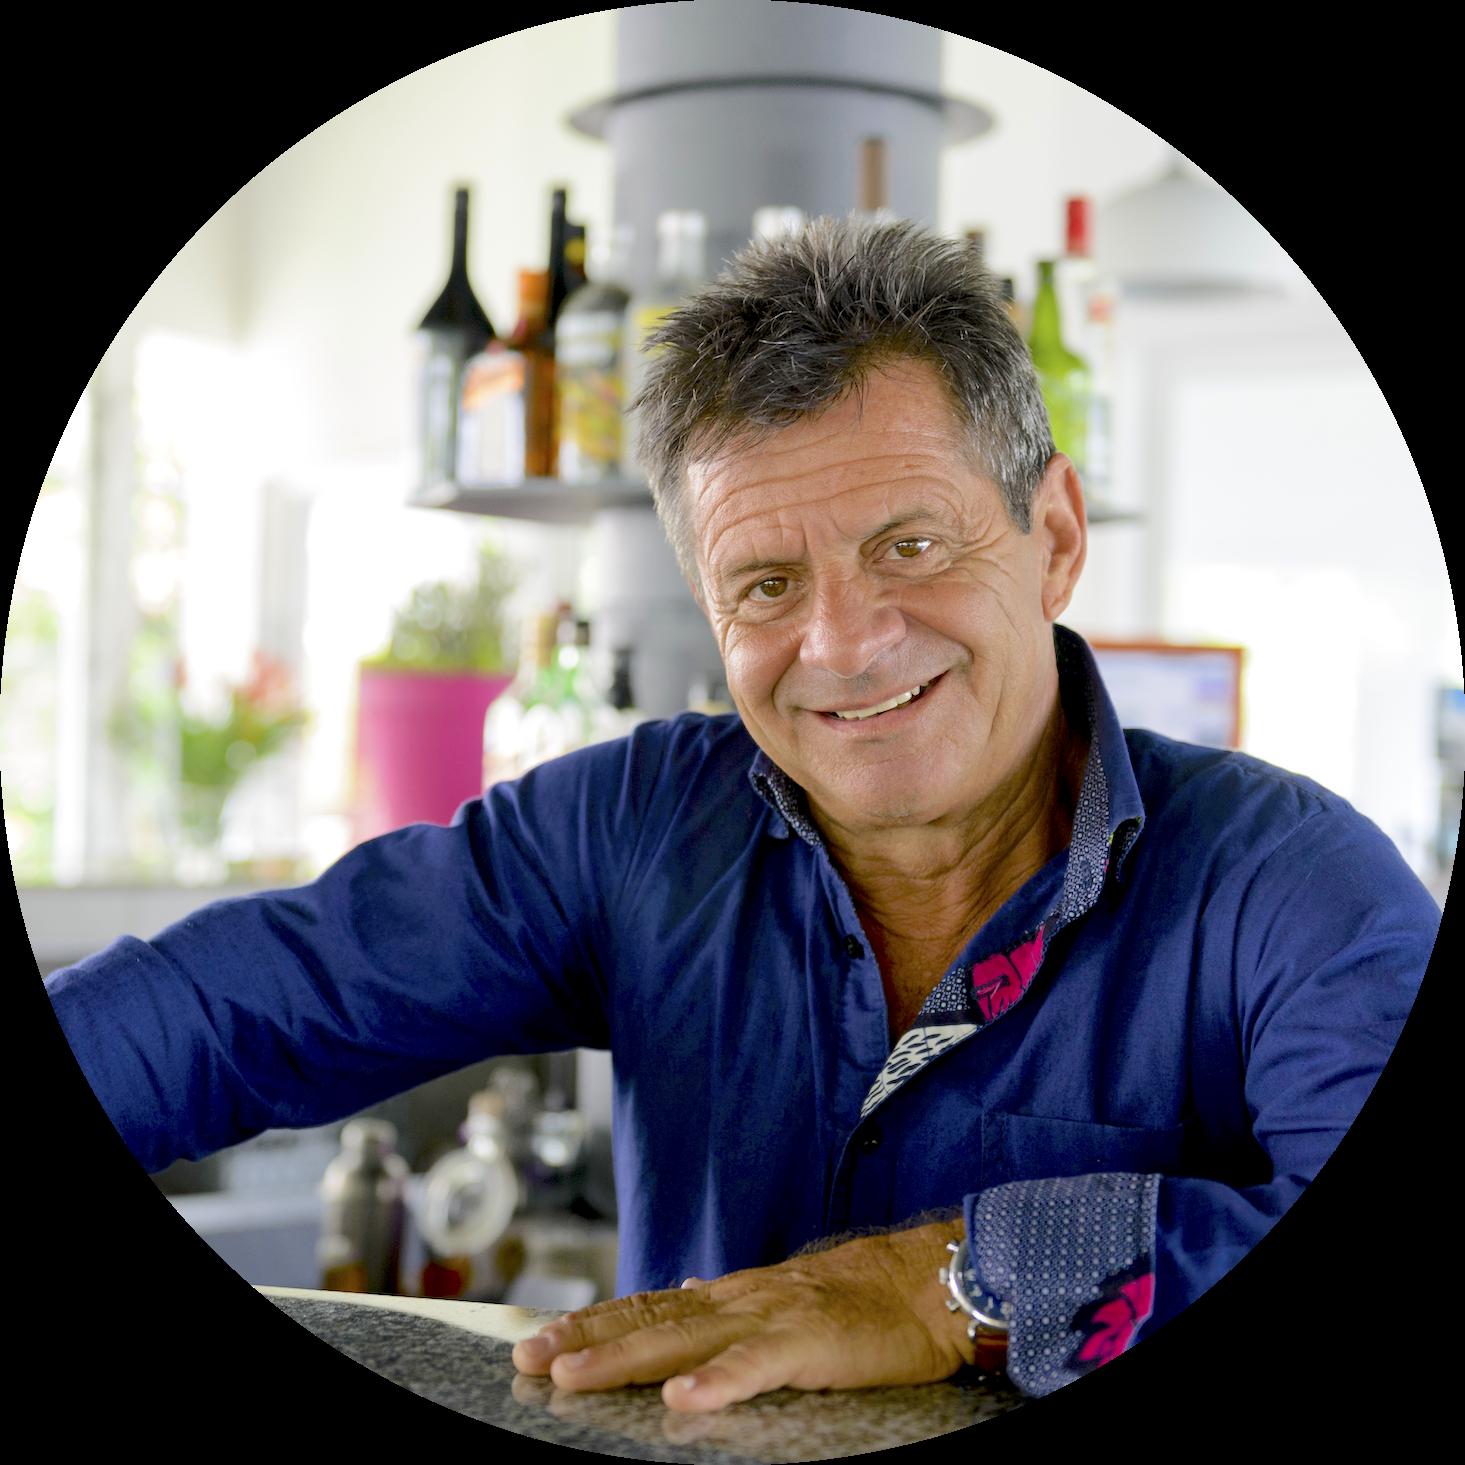 Alain Bellon, chef de l'Eden Restaurant de l'Hôtel du Parc de Port-Gentil